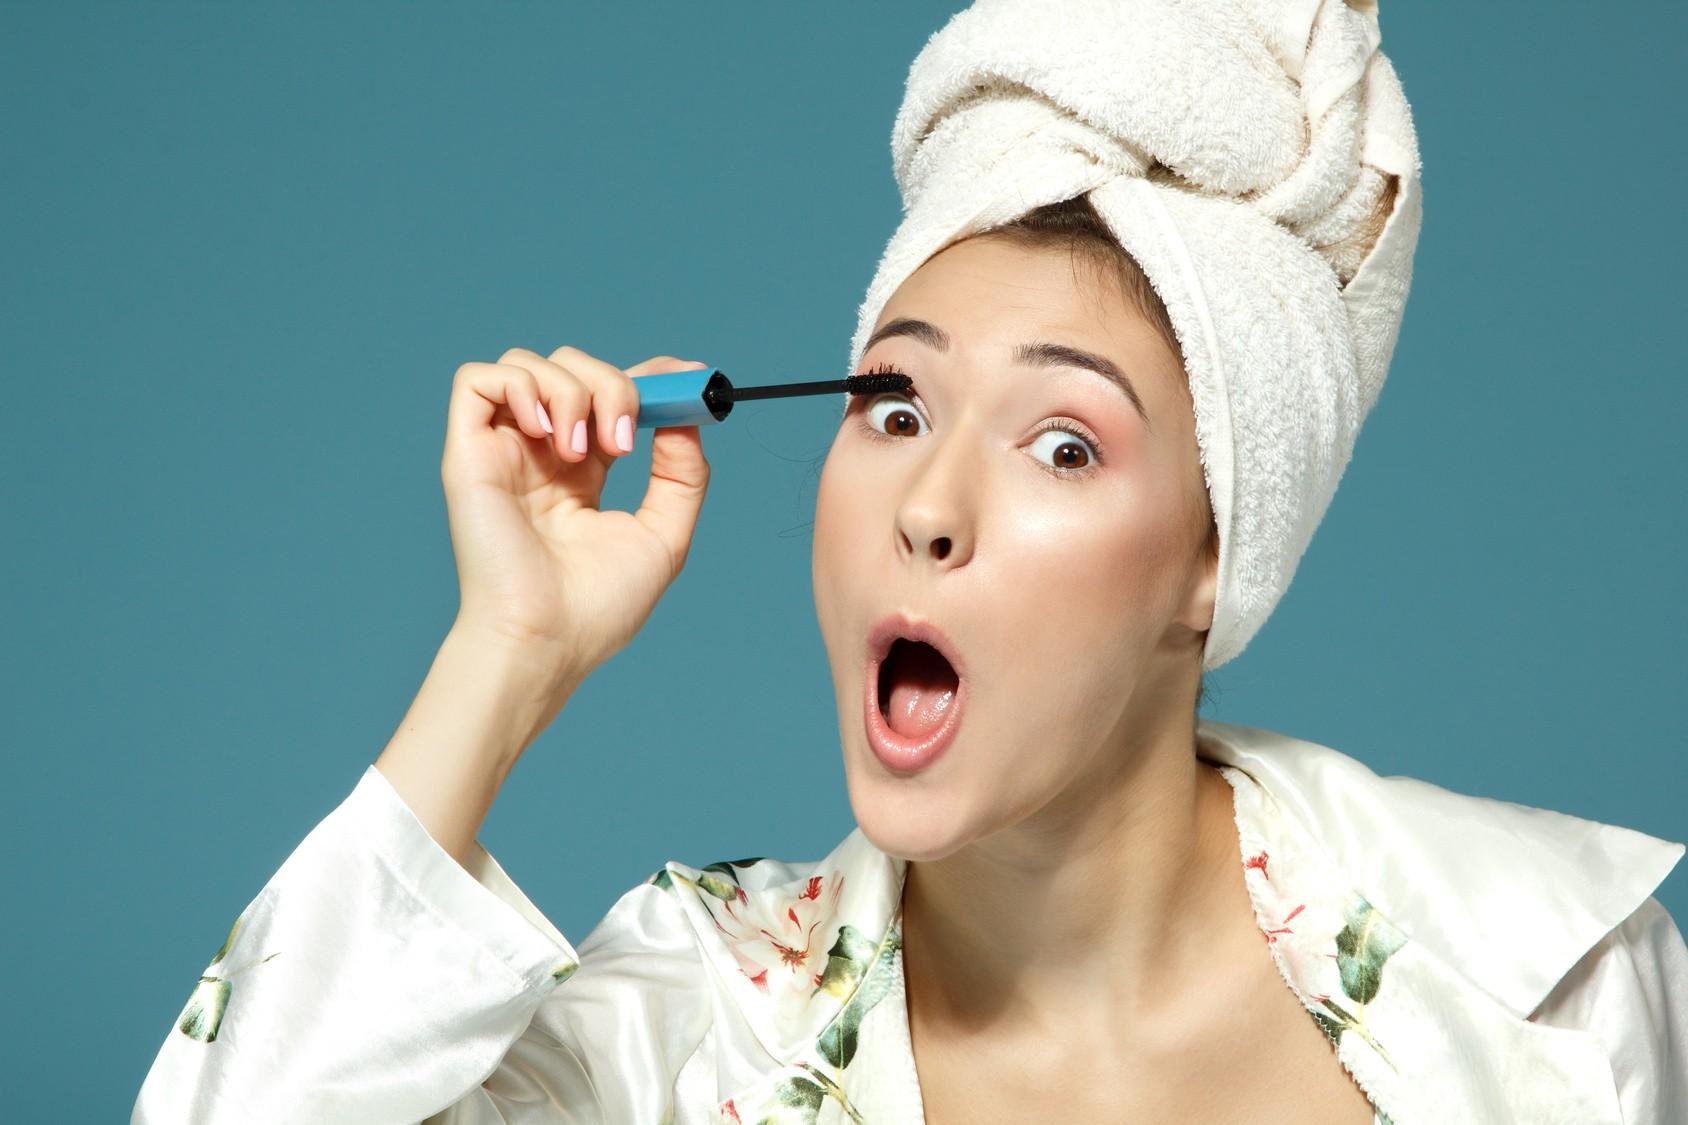 99% phụ nữ chuốt mascara đều vô thức làm điều này, bạn sẽ cực bất ngờ khi biết đó là gì - Ảnh 3.